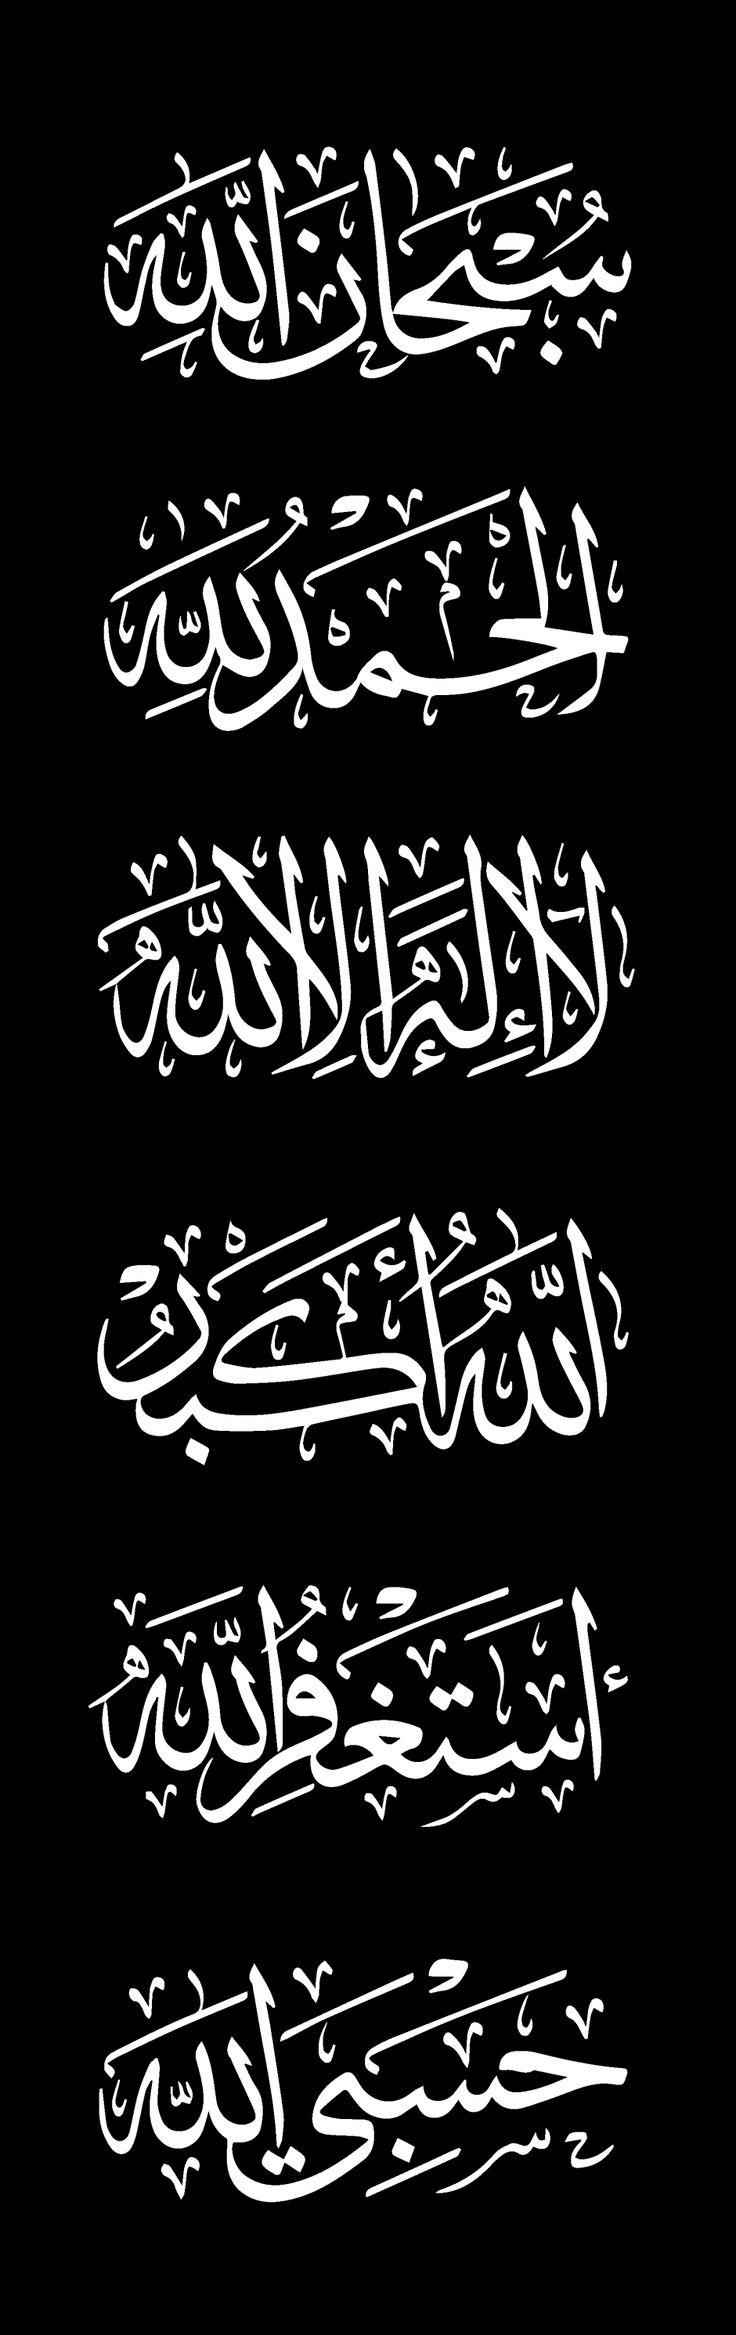 Tasbeeh. Subhan Allah, Alhamdulilah, La illaha Illa Allah, Allahu Akbar, Astagfur Allah, Hasbeya Allah #Islam #Art #IslamicArt #IAS #Beauty #Religious #Festival #Peace #Inspiring